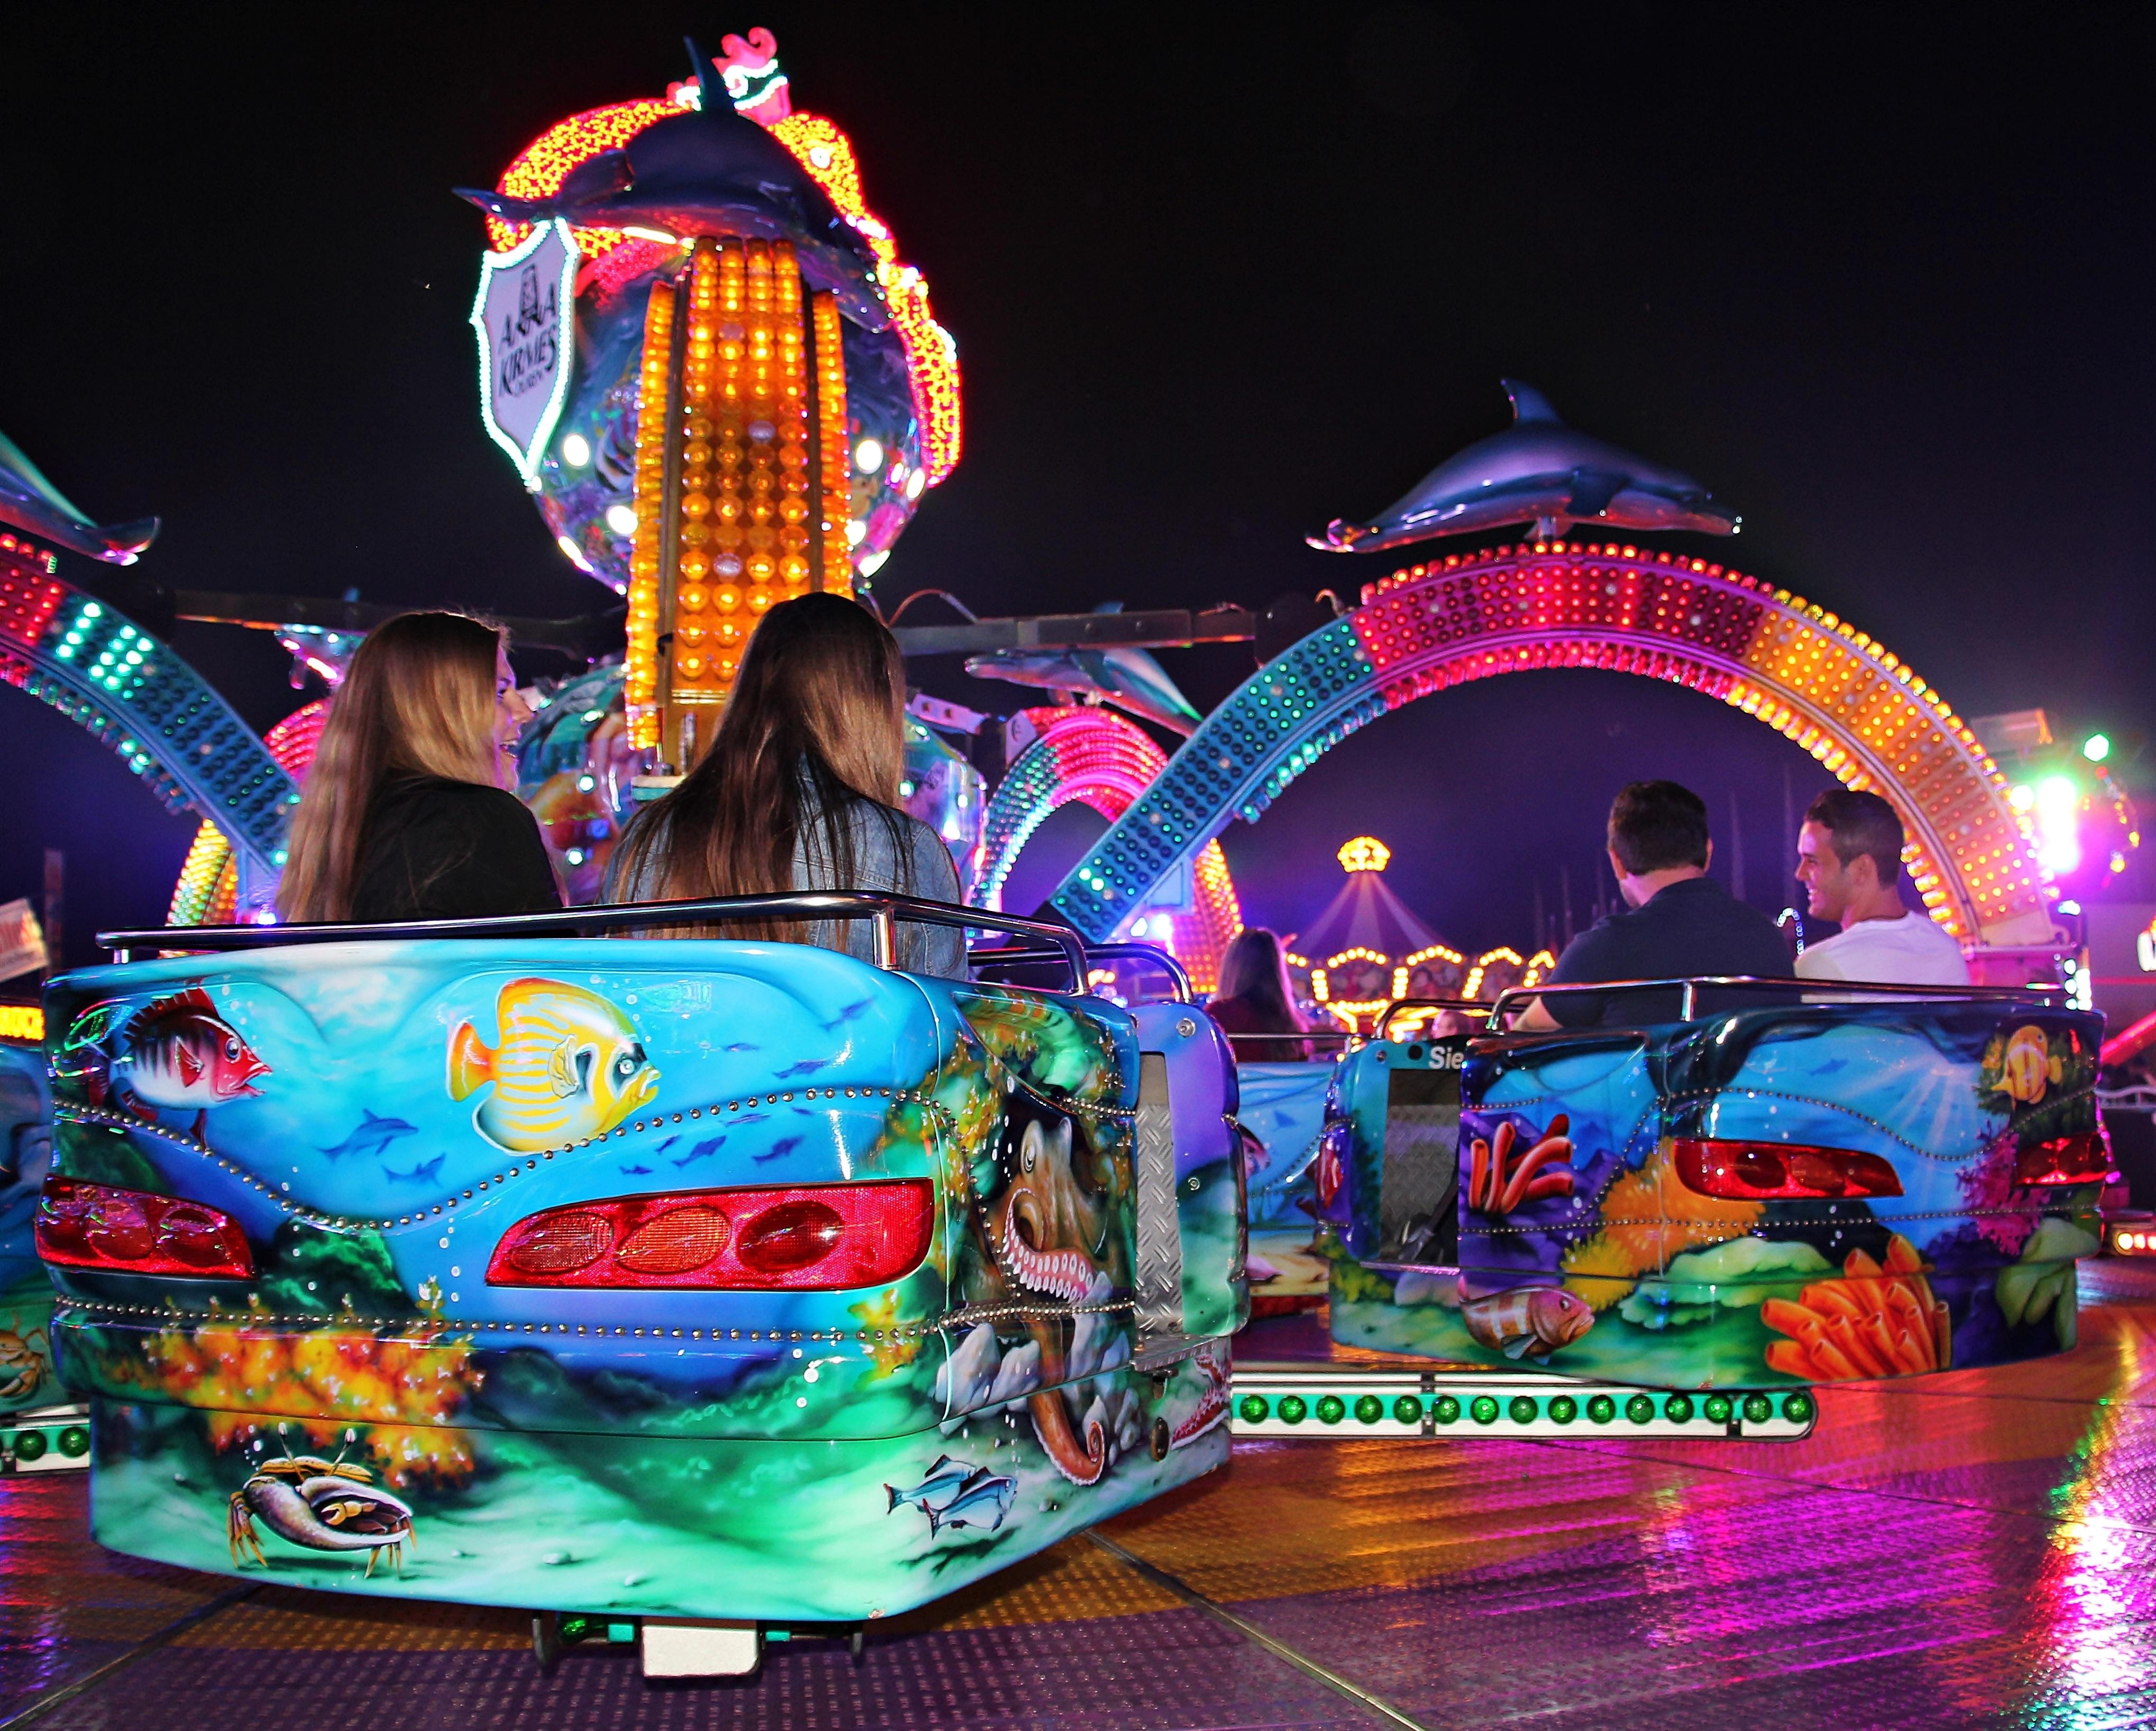 Gratis Afbeeldingen : nacht, recreatie, carnaval, attractiepark ...